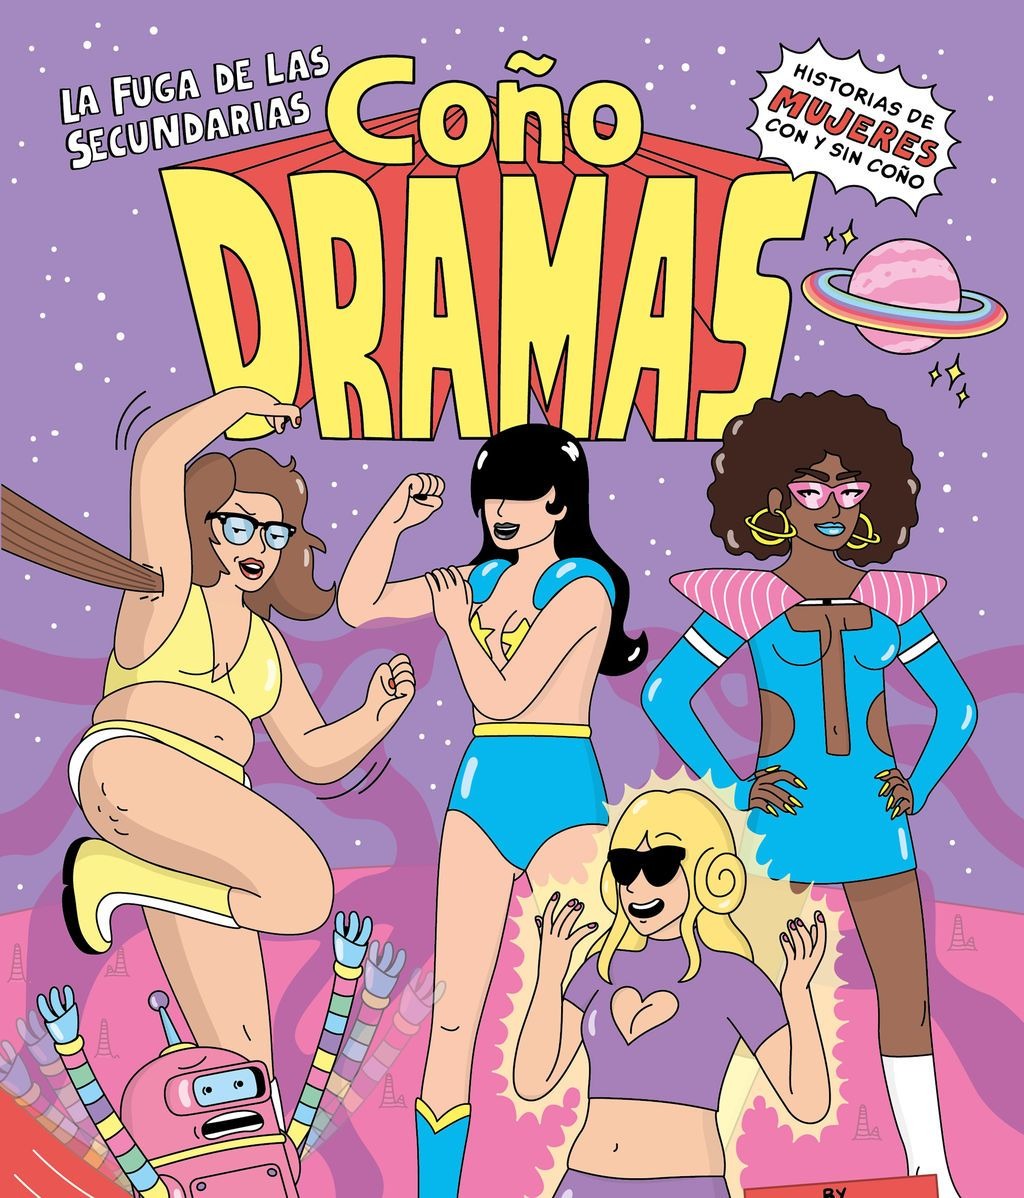 'Coño dramas'